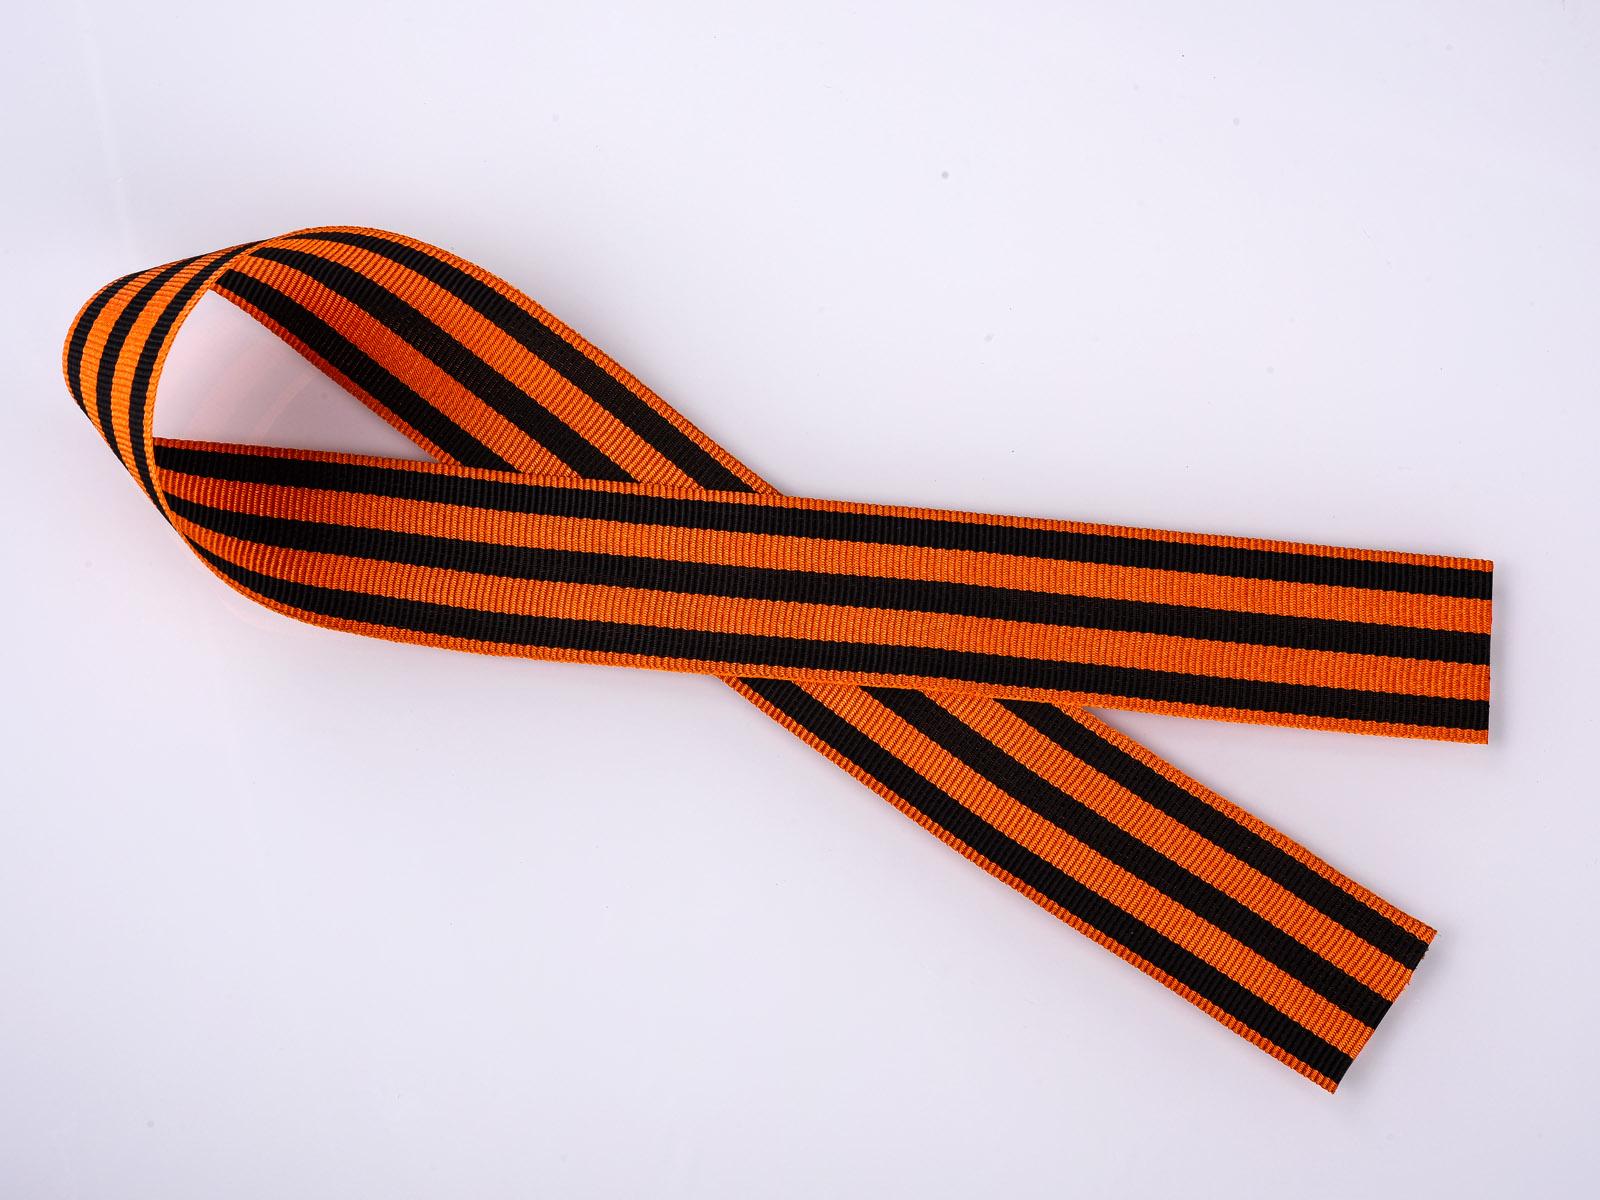 Георгиевская ленточка - символ Победы (3,5 х 30 см)